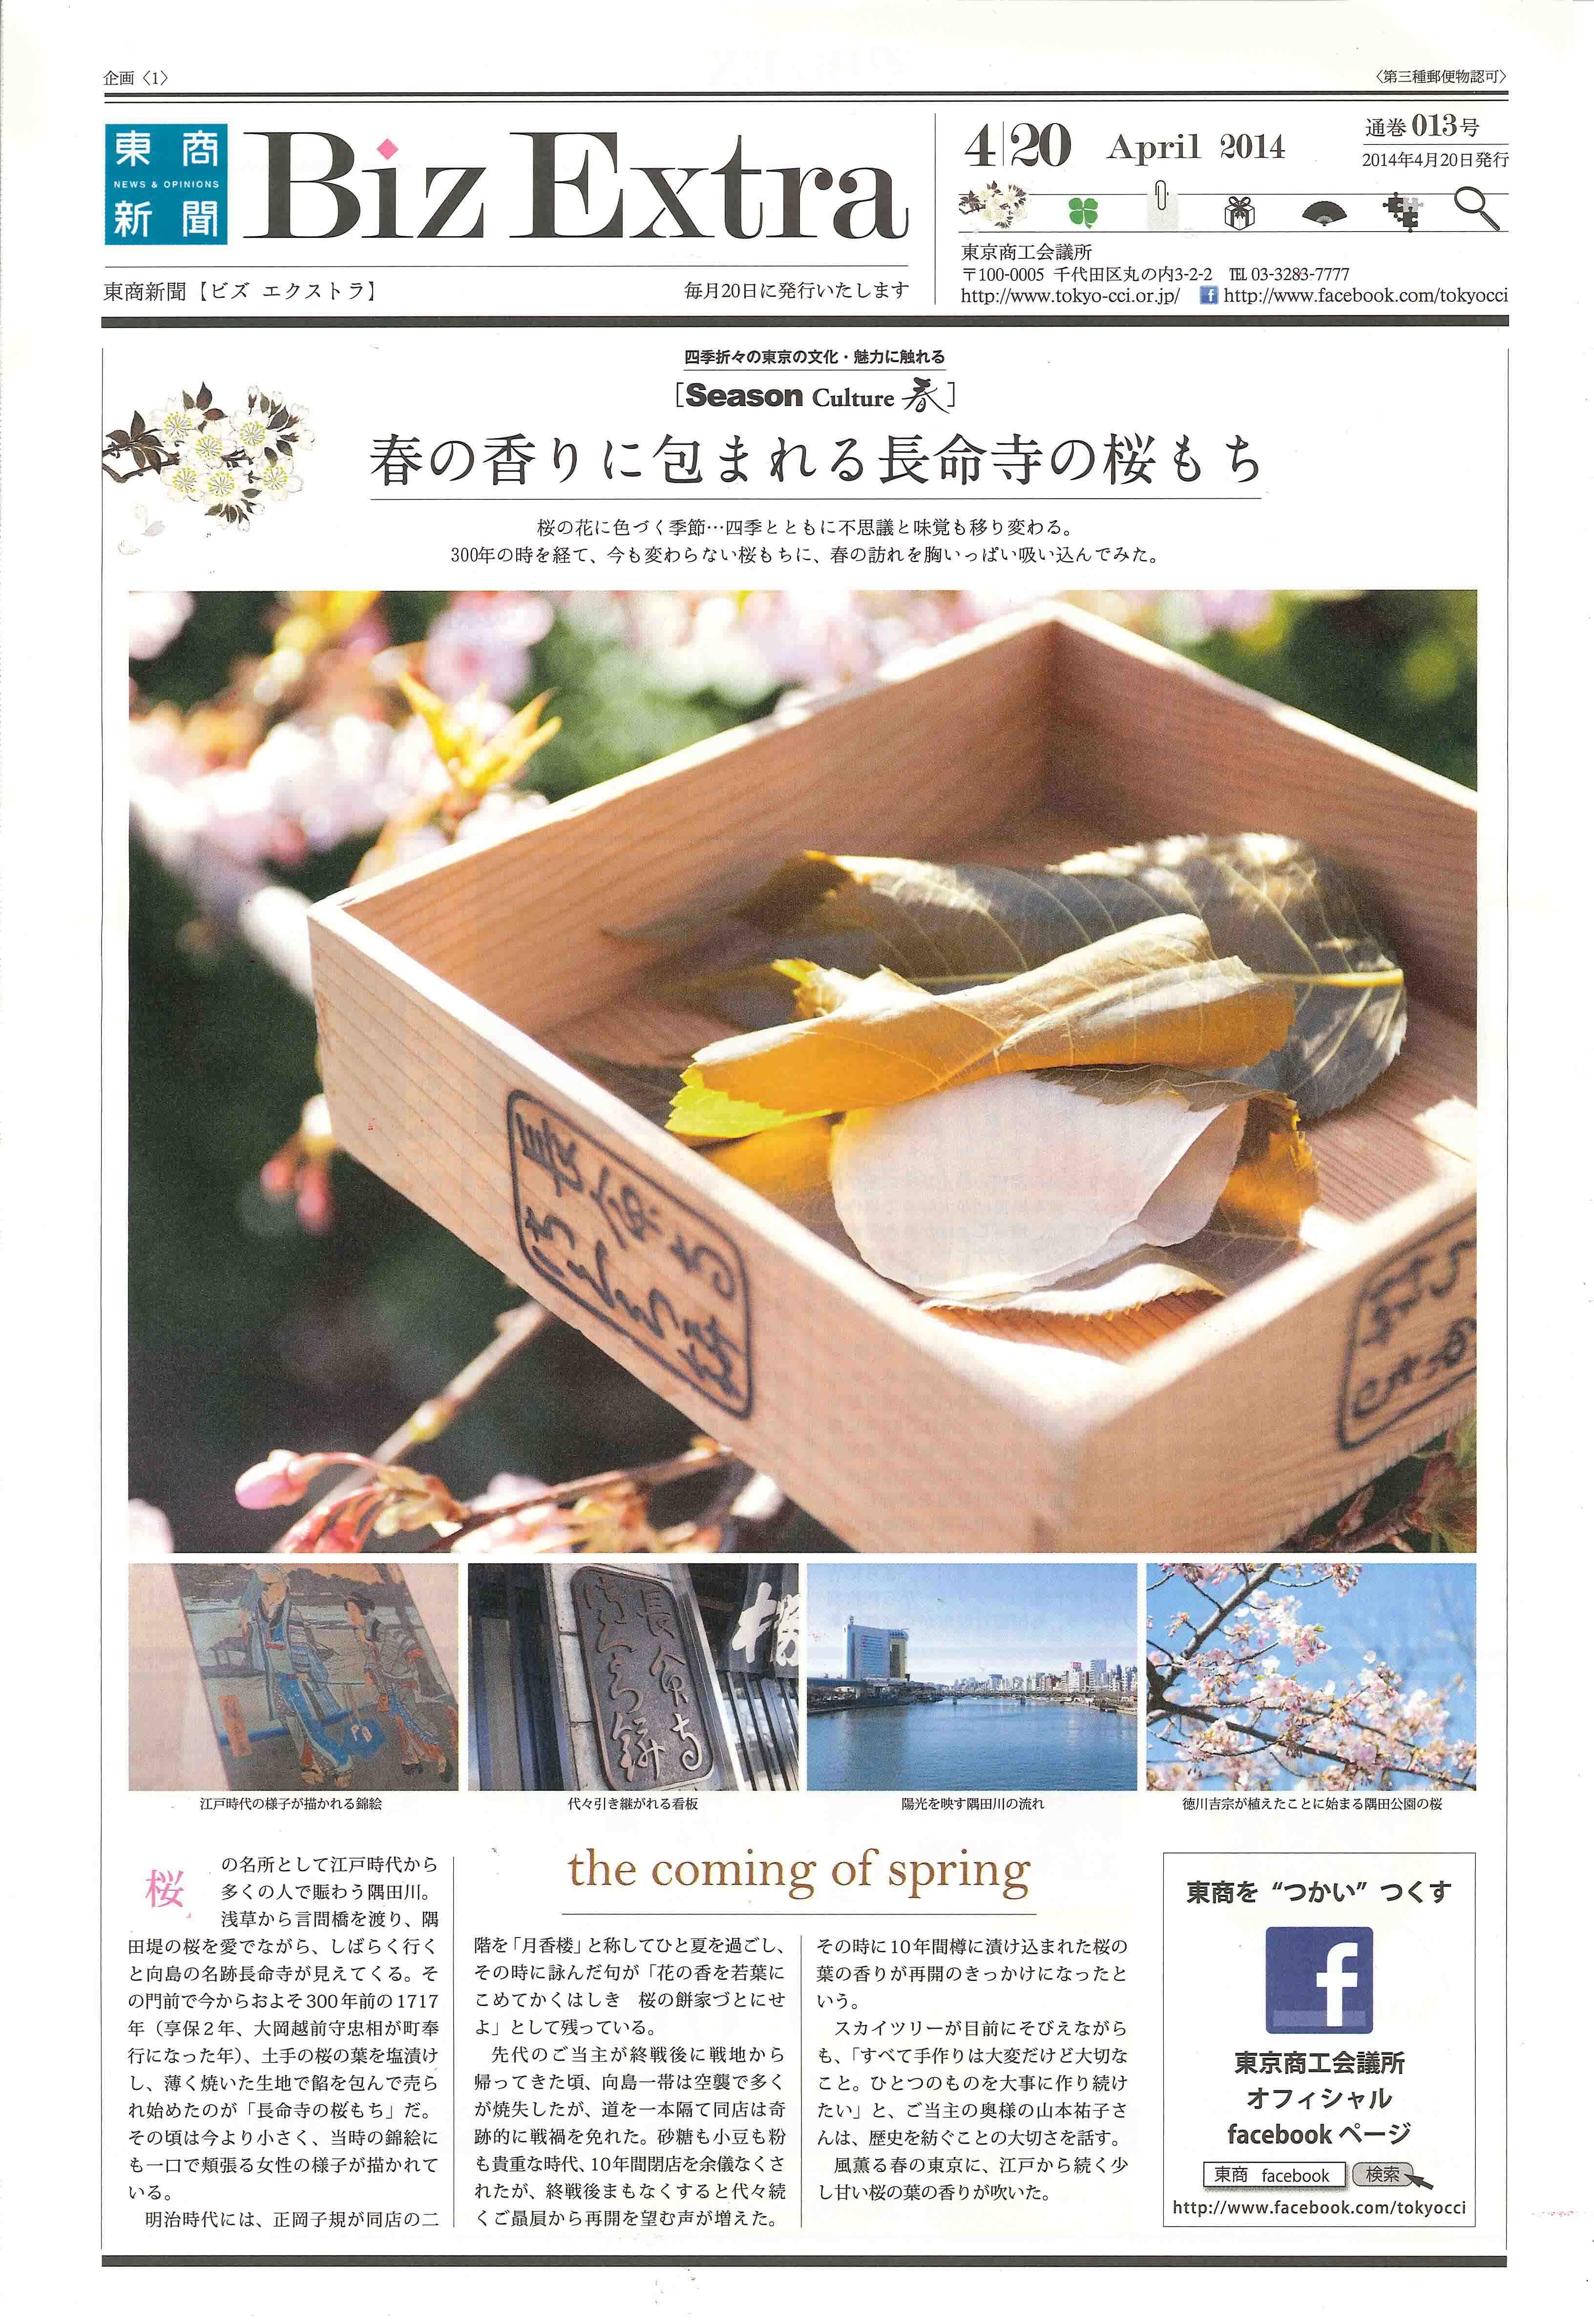 「東商新聞 Biz Extra」 April 2014 通巻013号